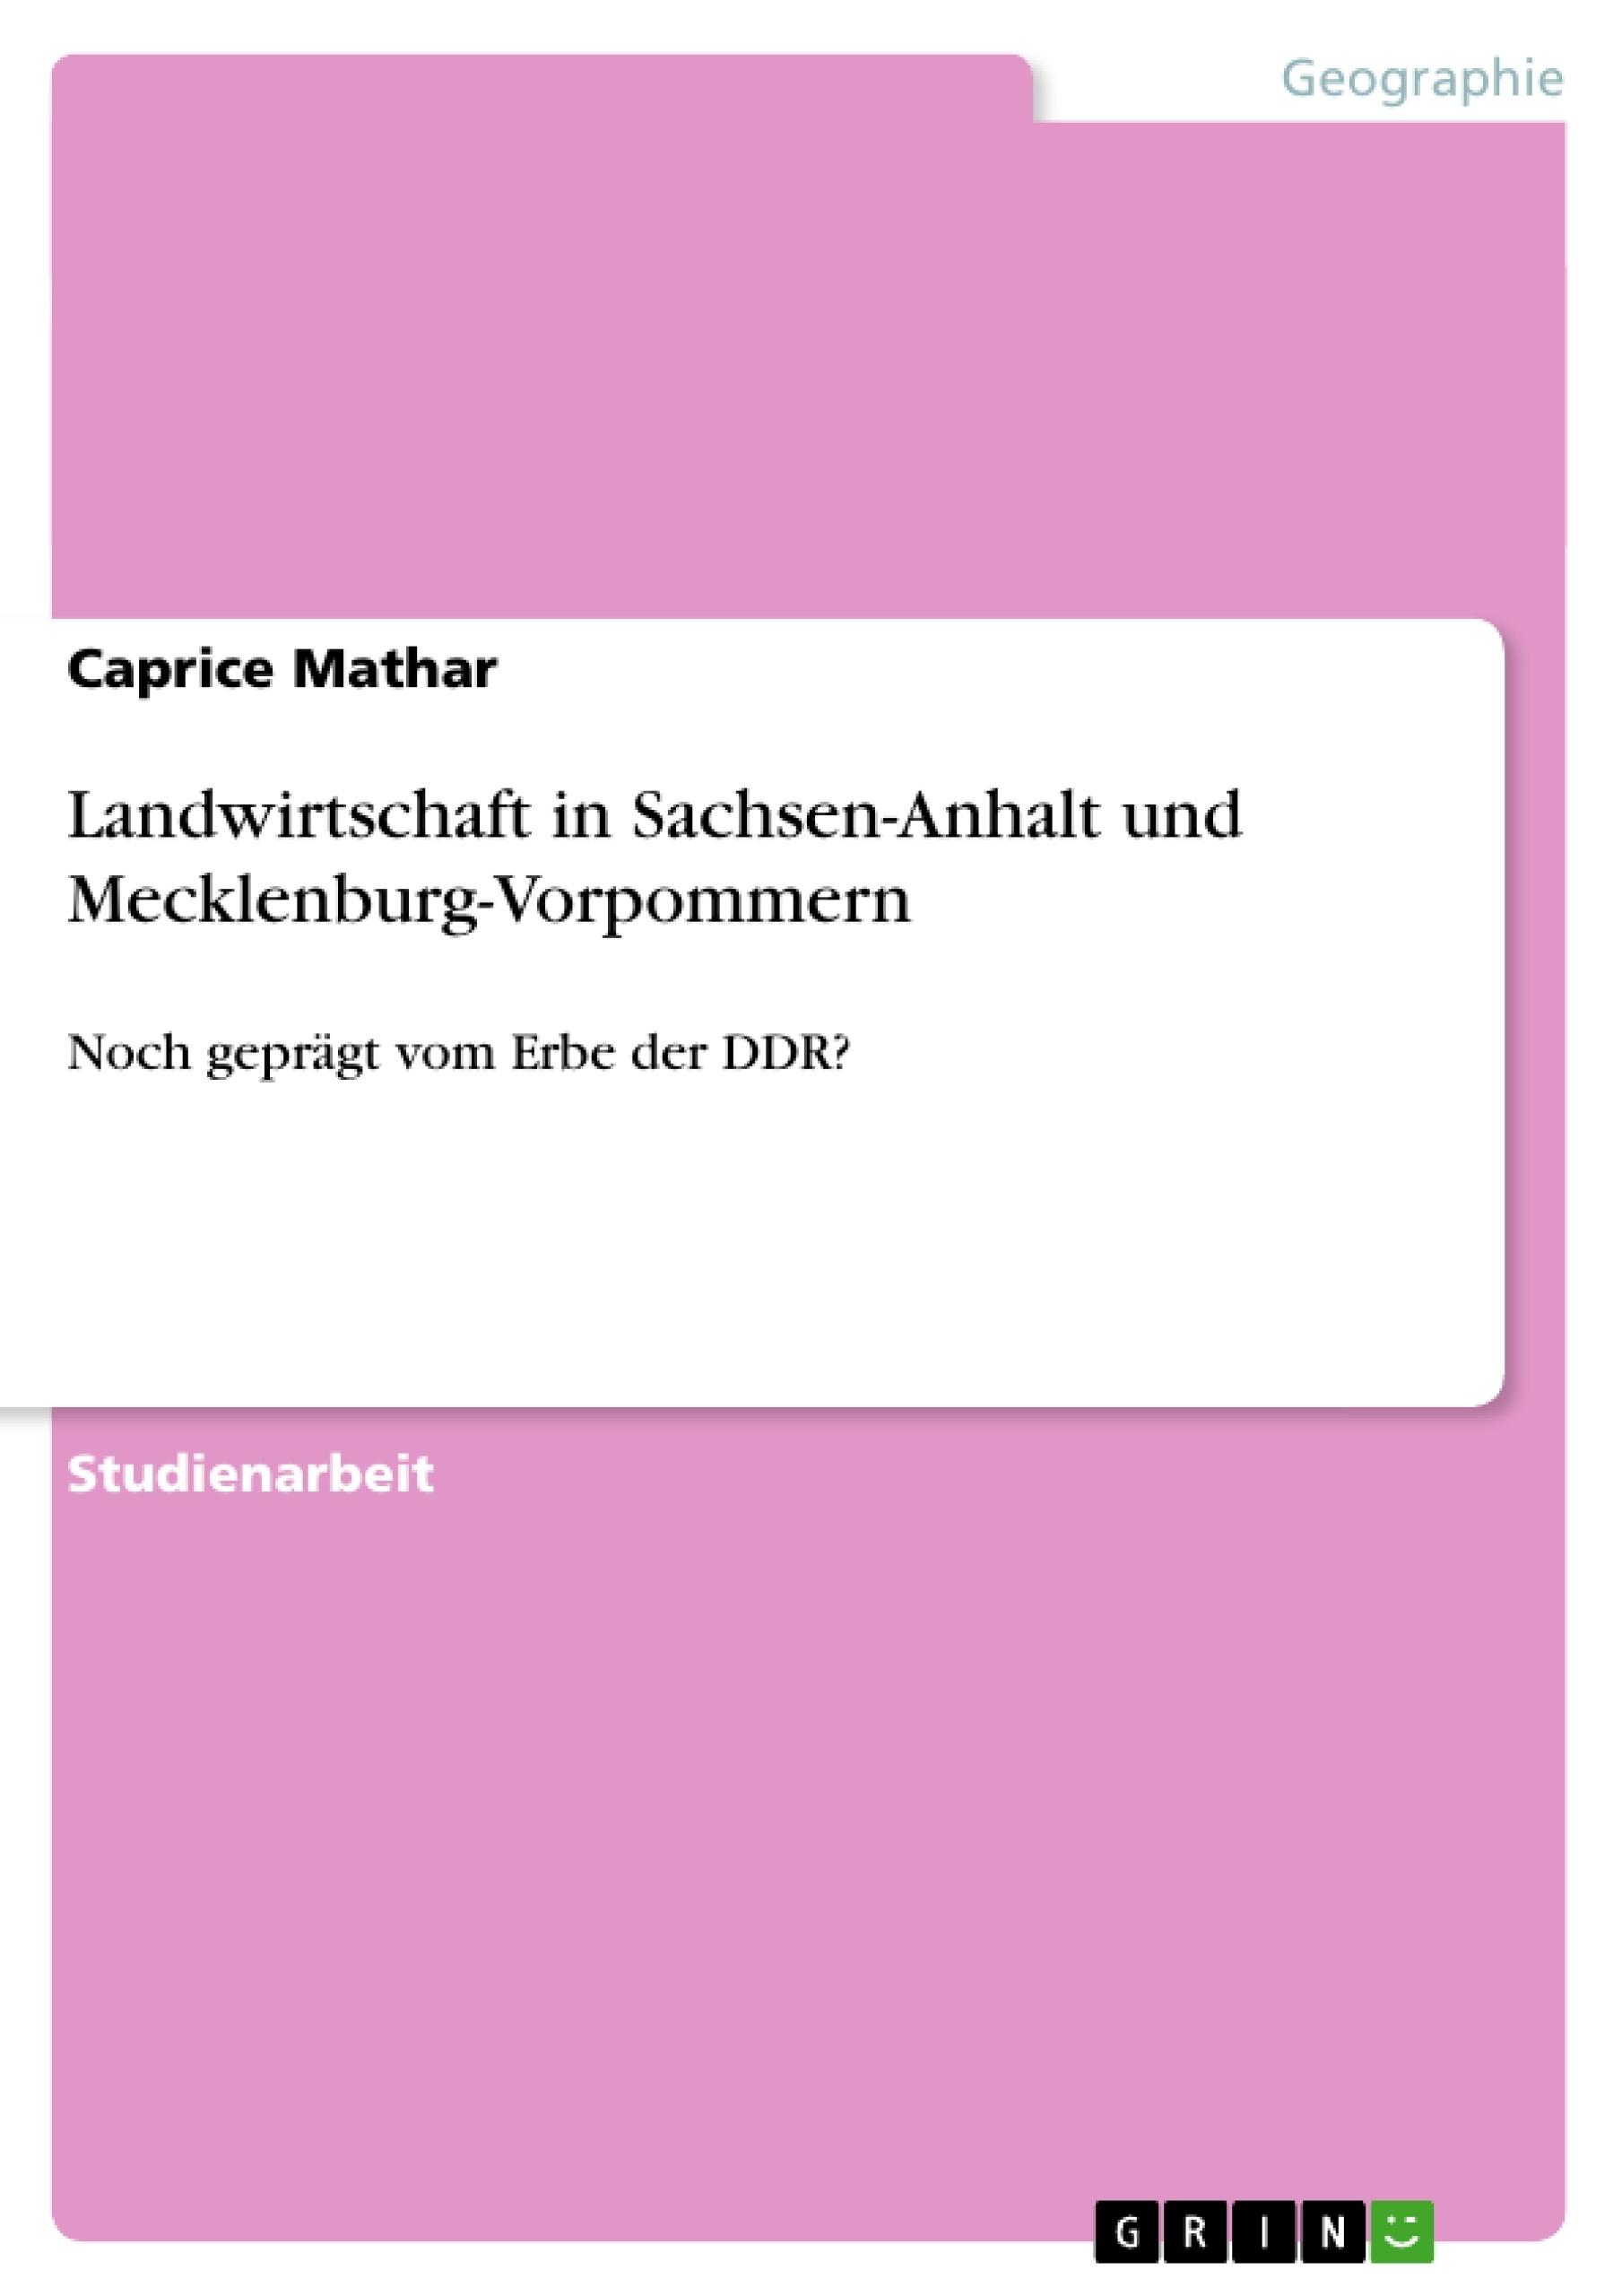 Titel: Landwirtschaft in Sachsen-Anhalt und Mecklenburg-Vorpommern